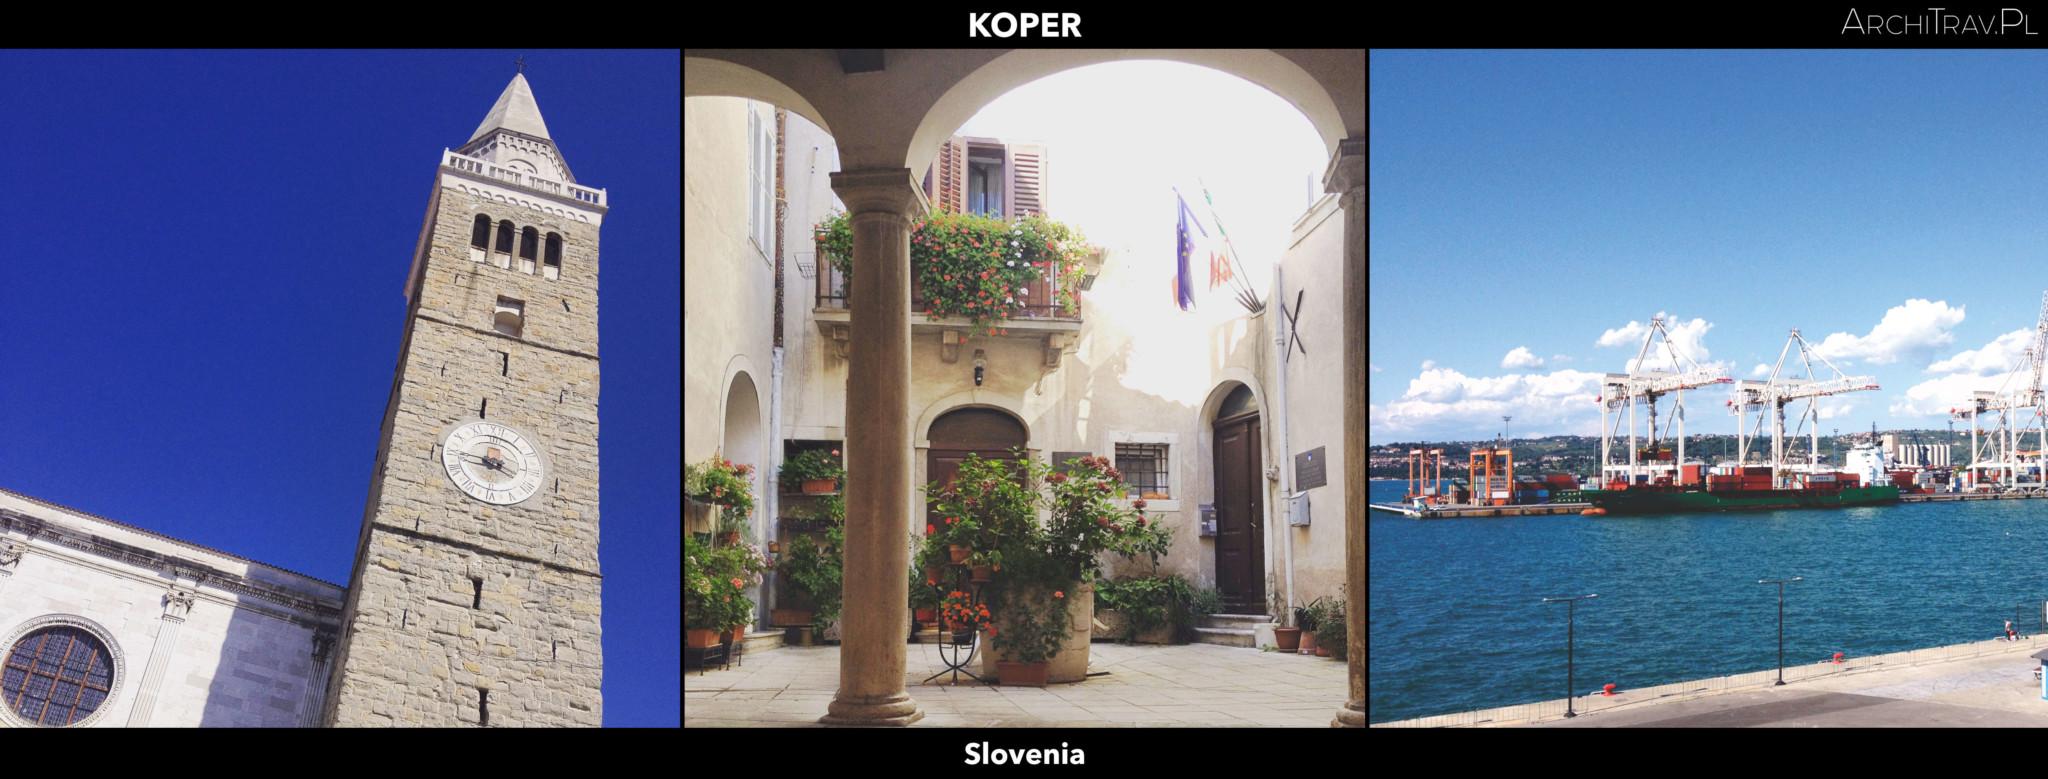 Slowenia Koper